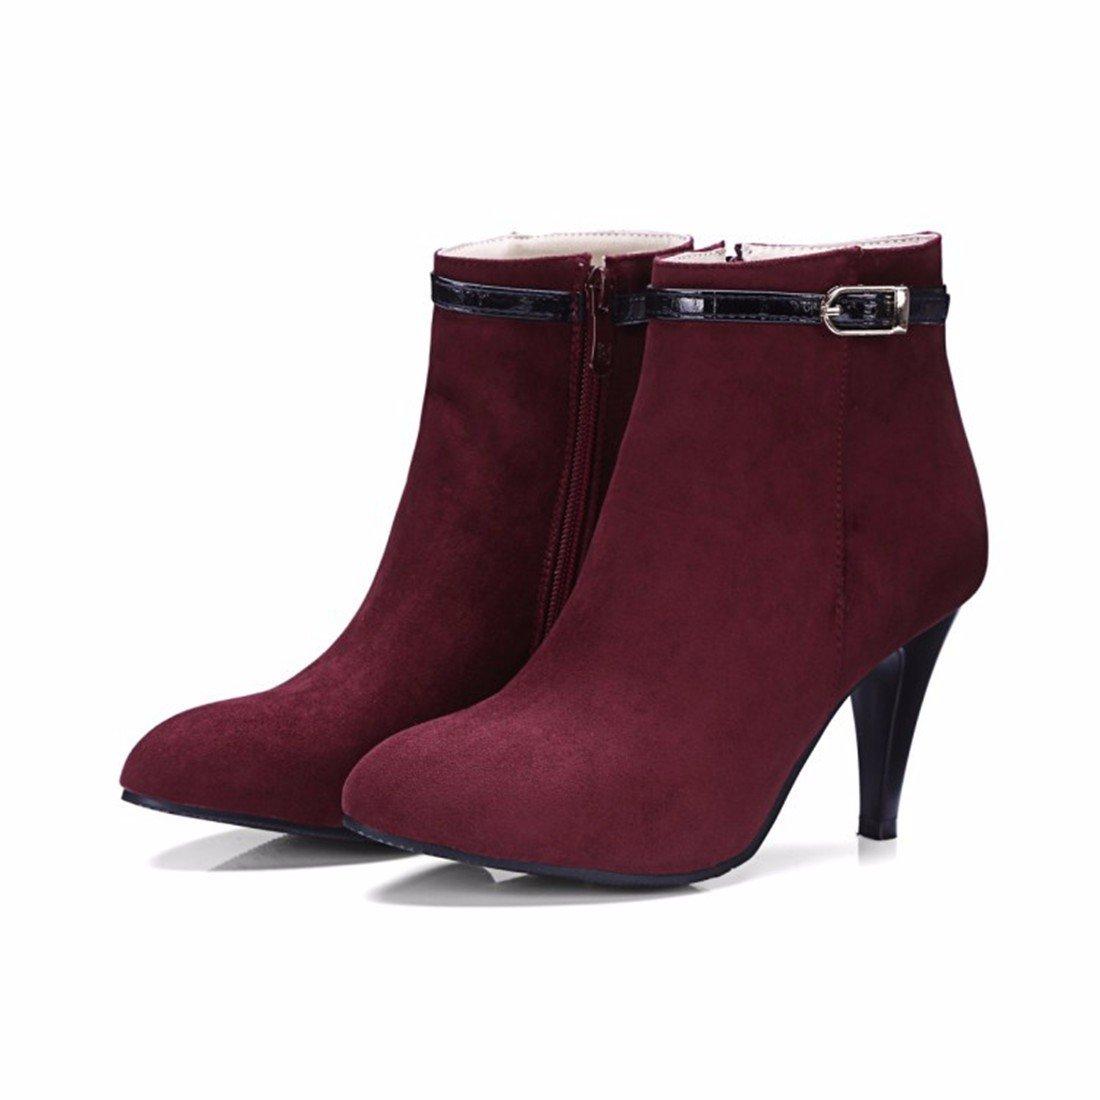 Frau winter Gürtelschnalle Stiefel fein mit mit mit hochhackigen Stiefeln 9555d0